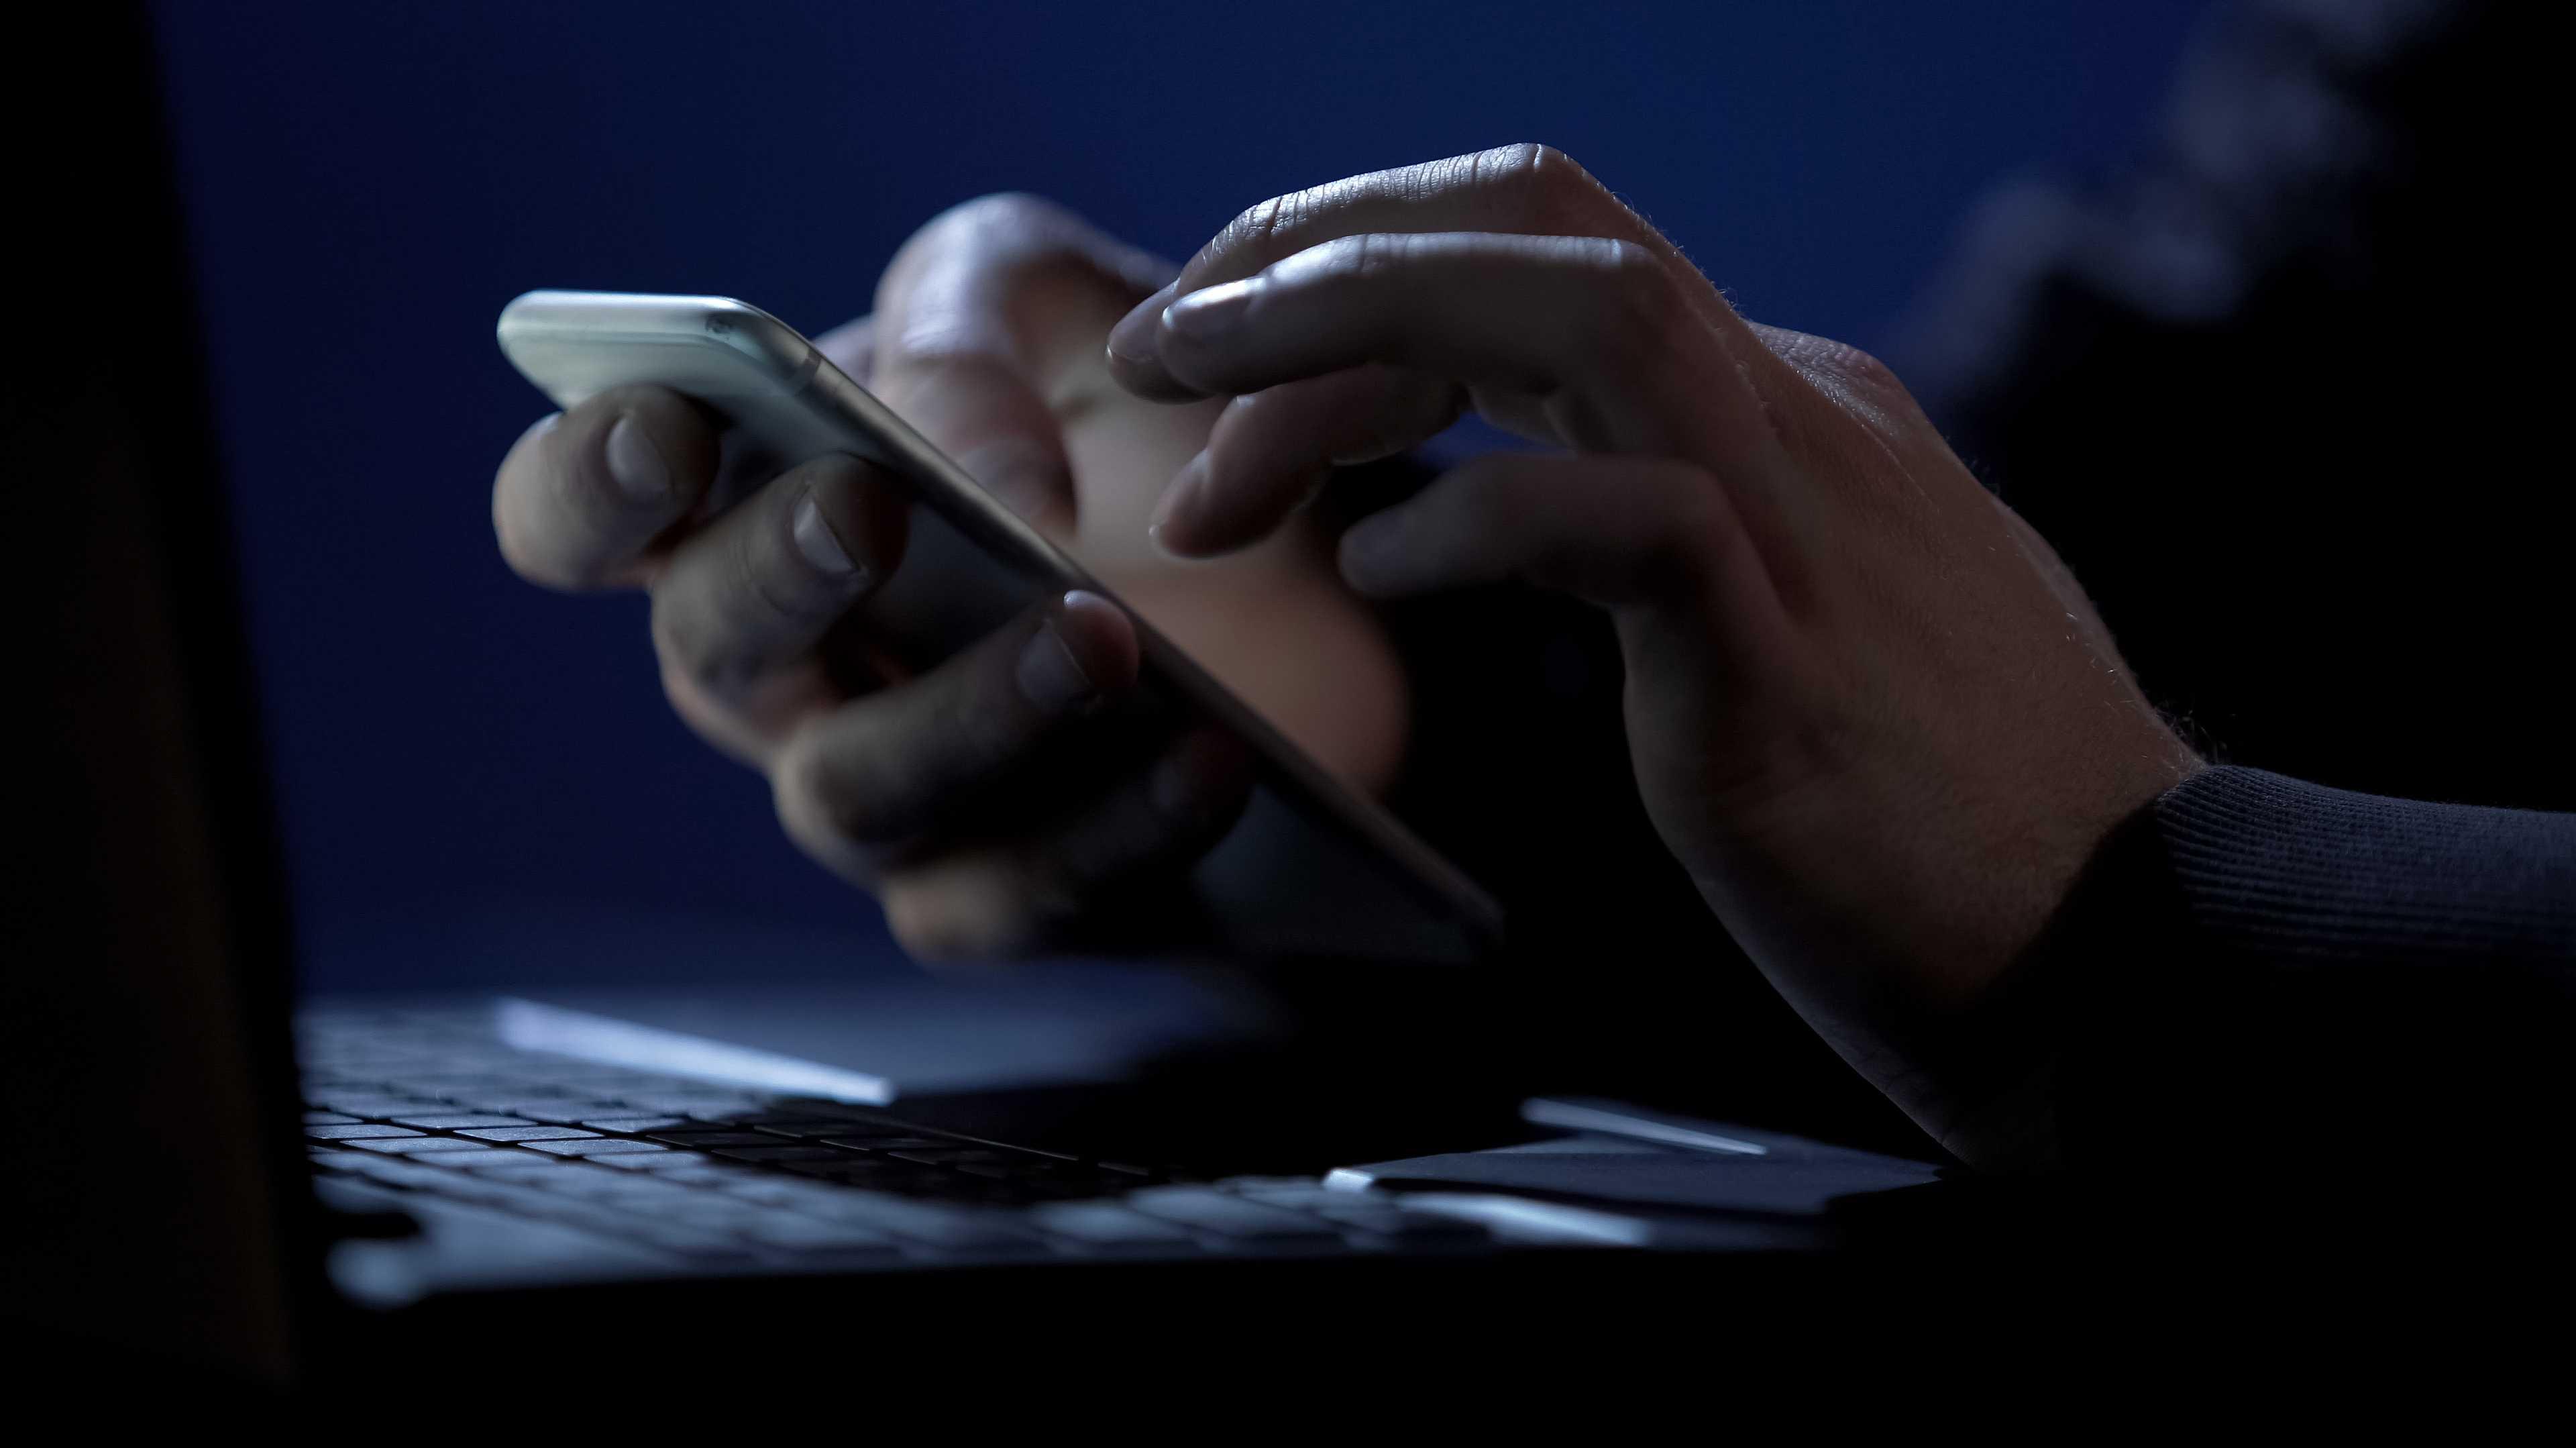 Pegasus: iOS- und Android-Spyware soll jetzt Daten aus Cloud-Services stehlen können